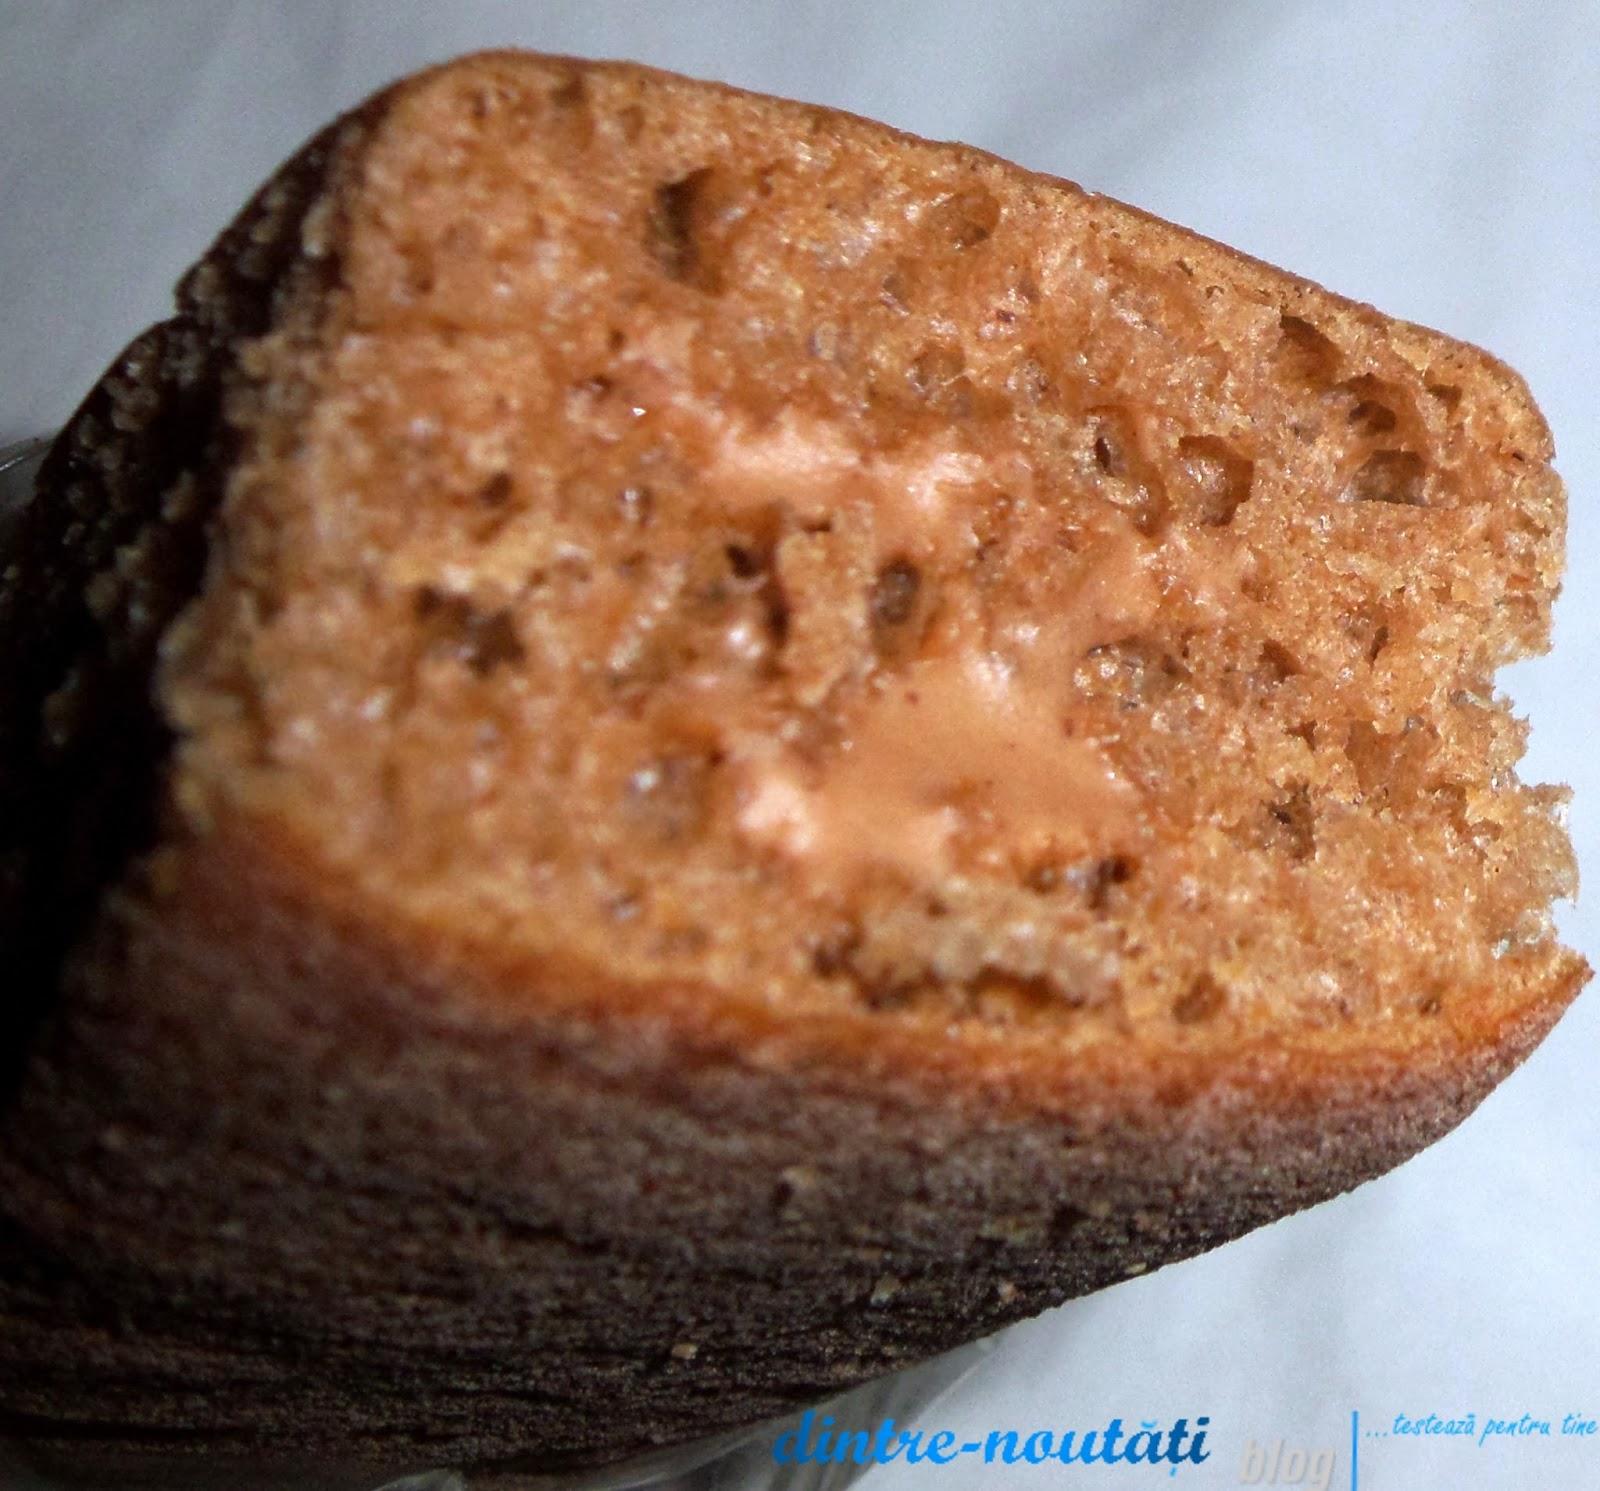 kinder Colazione più - Produs de panificație italienesc dospit în mod natural  ferrero Italia